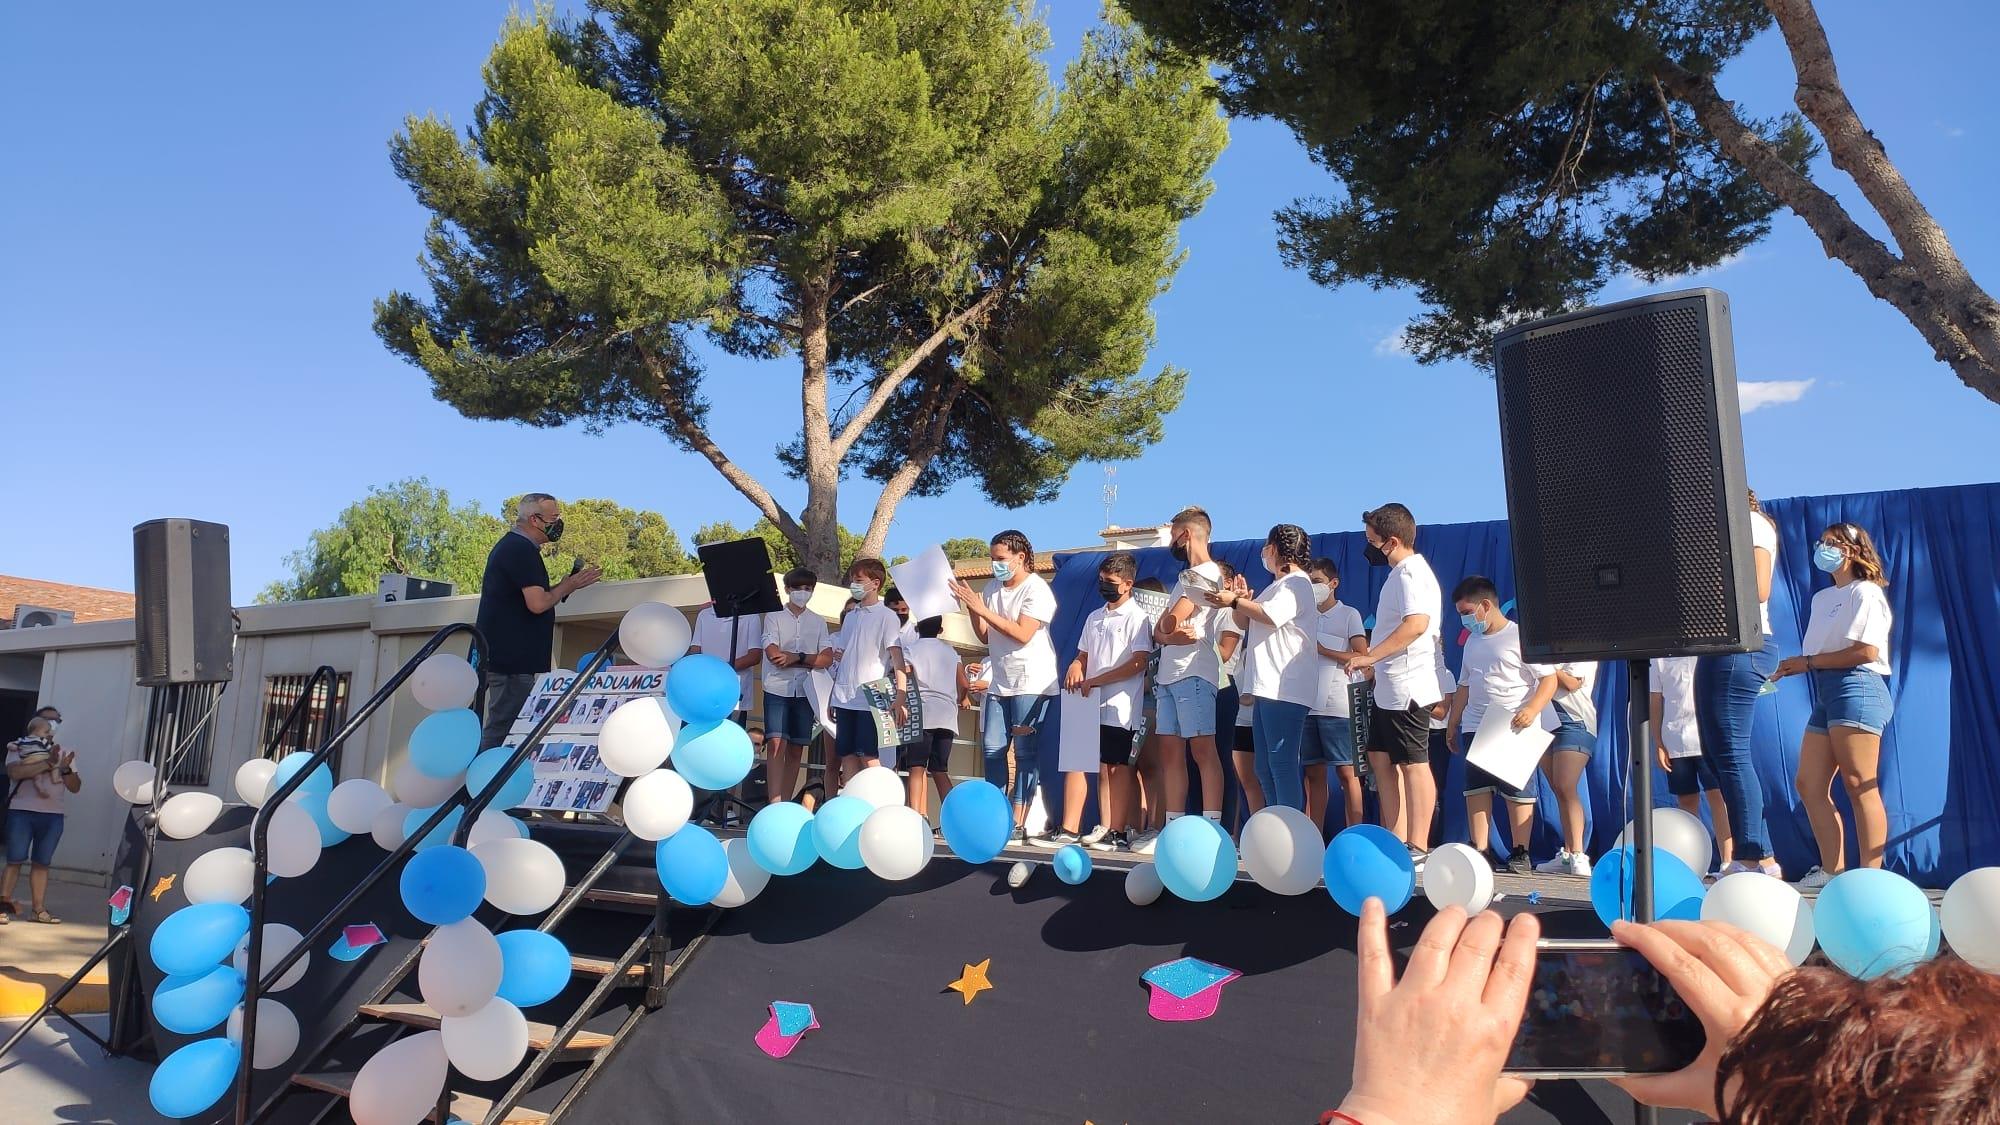 El alumnado de 6º de primaria del CEIP Mozart celebra su acto de graduación